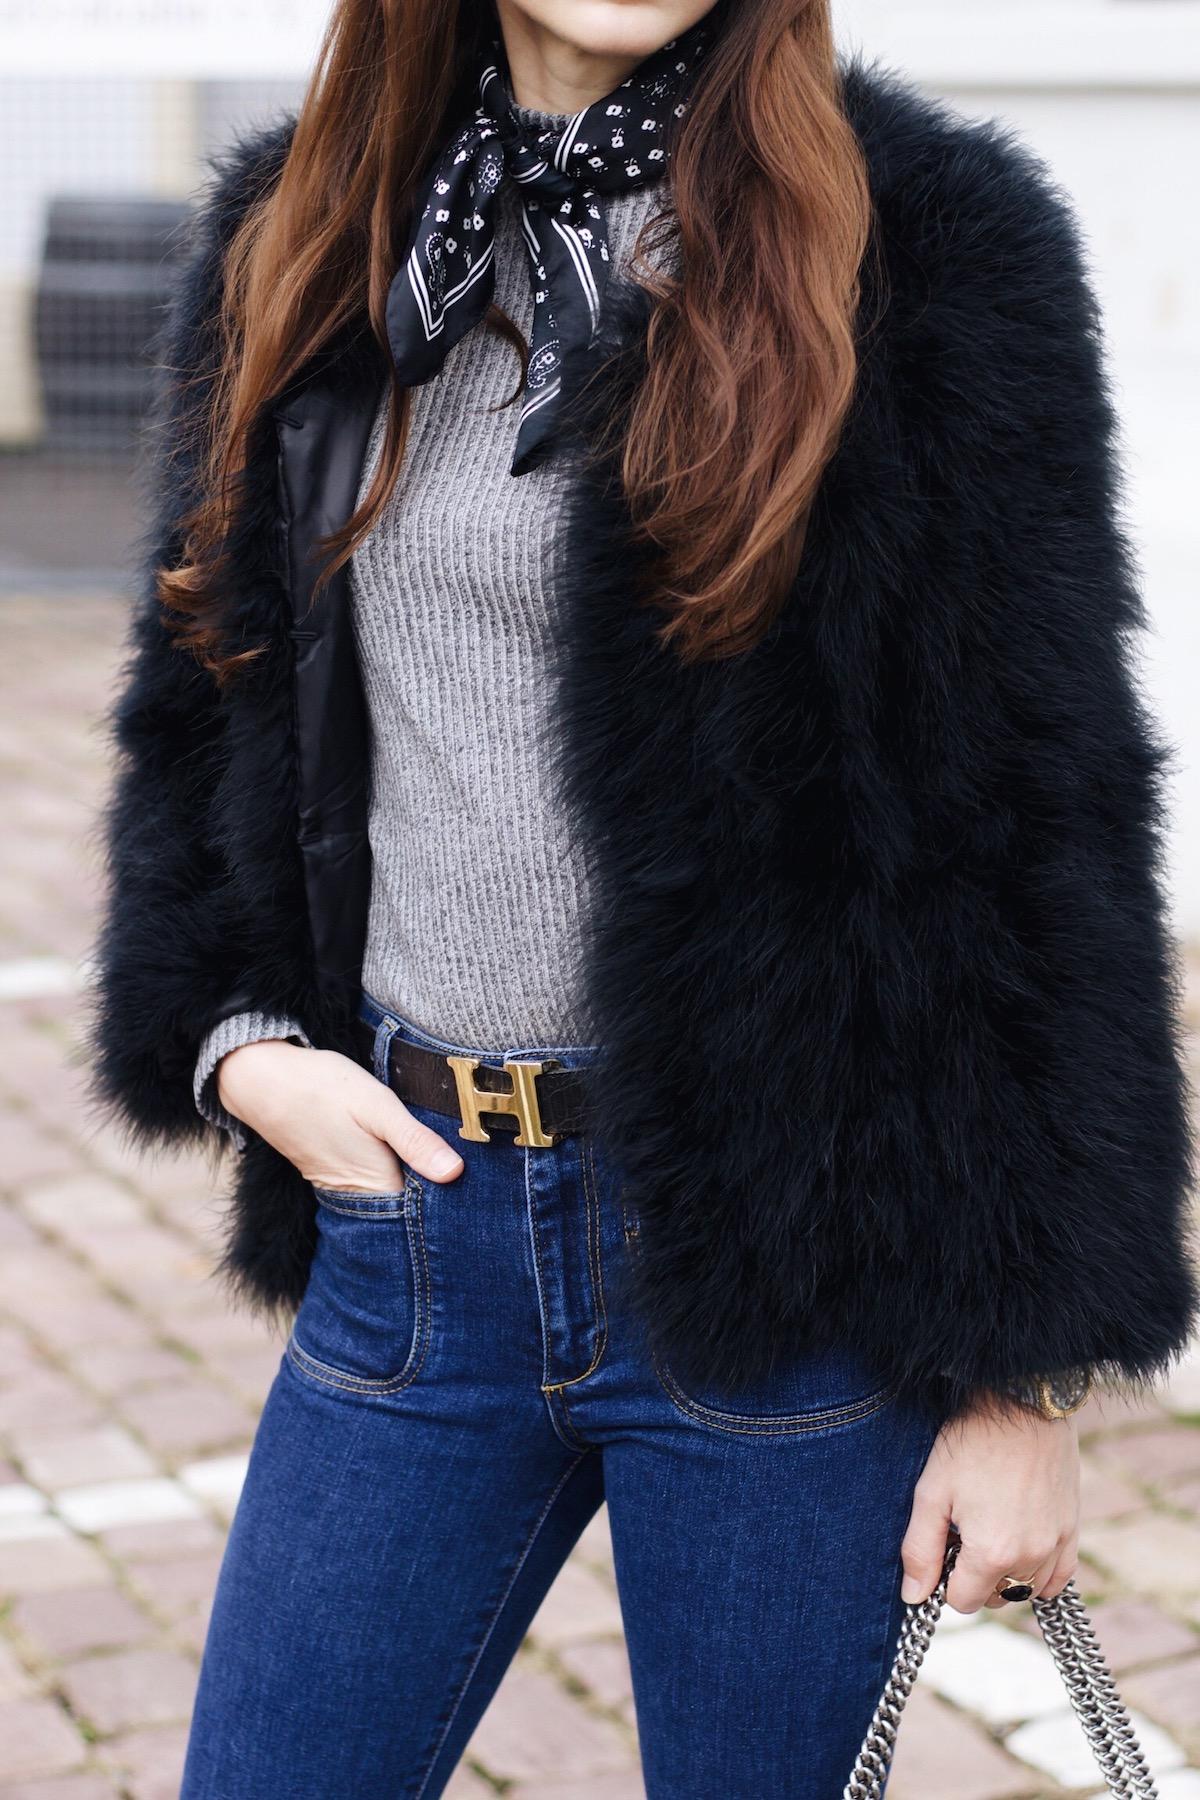 Federjacke als Modetrend auf meinem Modeblog Felljacke von Pello Bello kombiniert mit Kick Flare Jeans